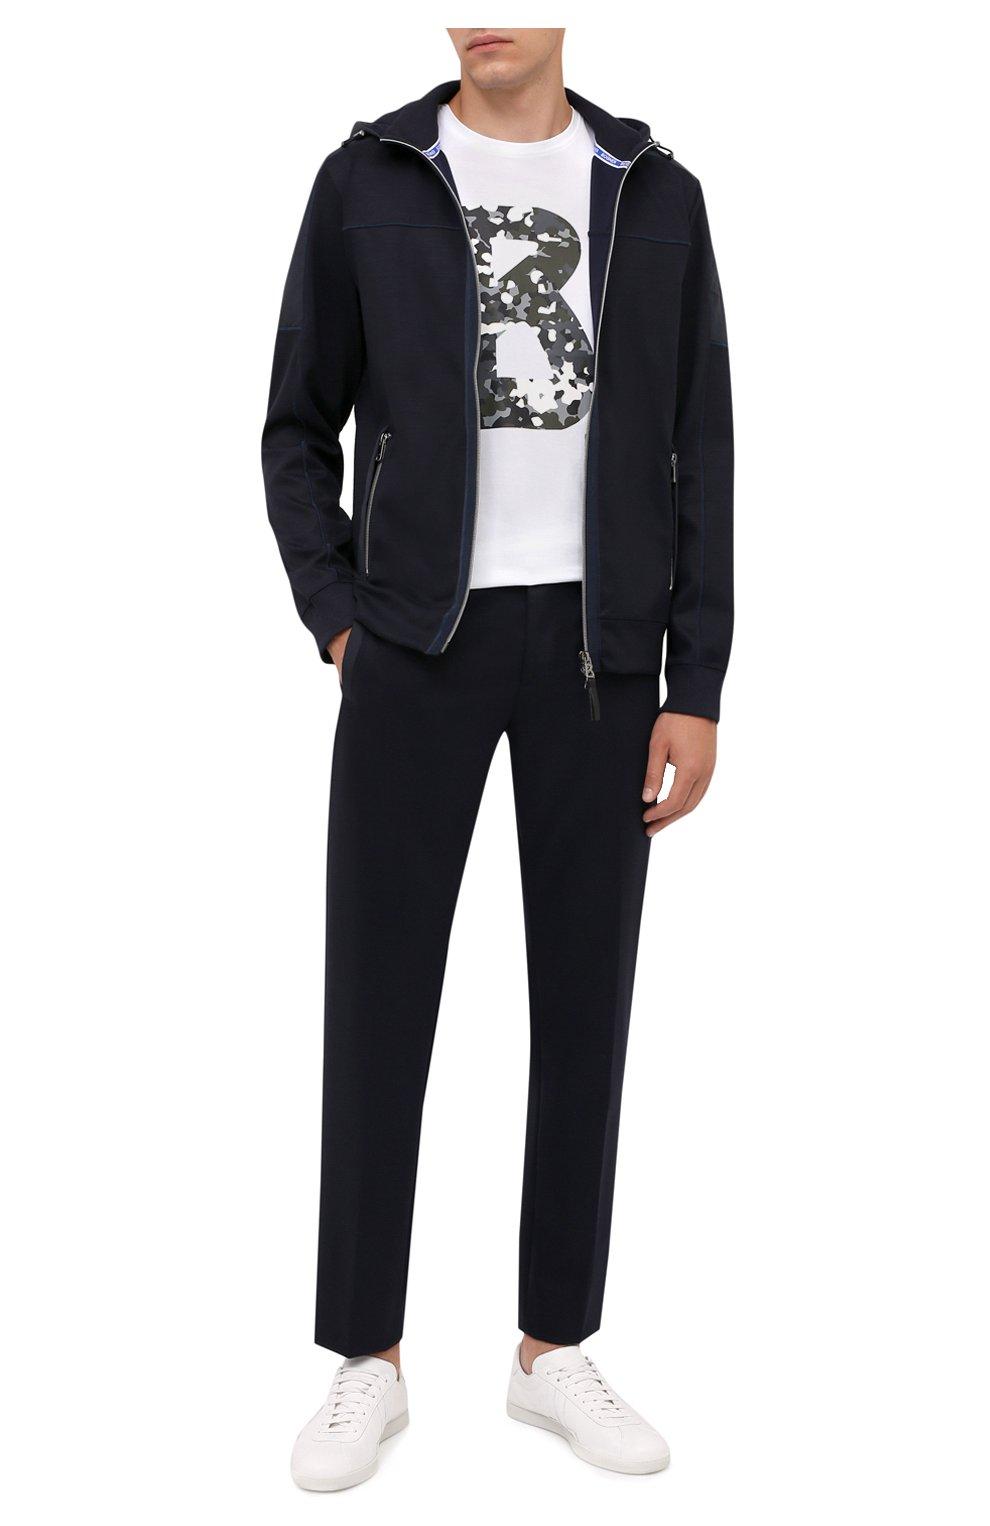 Мужские брюки BOGNER темно-синего цвета, арт. 18406508   Фото 2 (Материал внешний: Шерсть, Синтетический материал; Длина (брюки, джинсы): Стандартные; Случай: Повседневный; Стили: Кэжуэл)